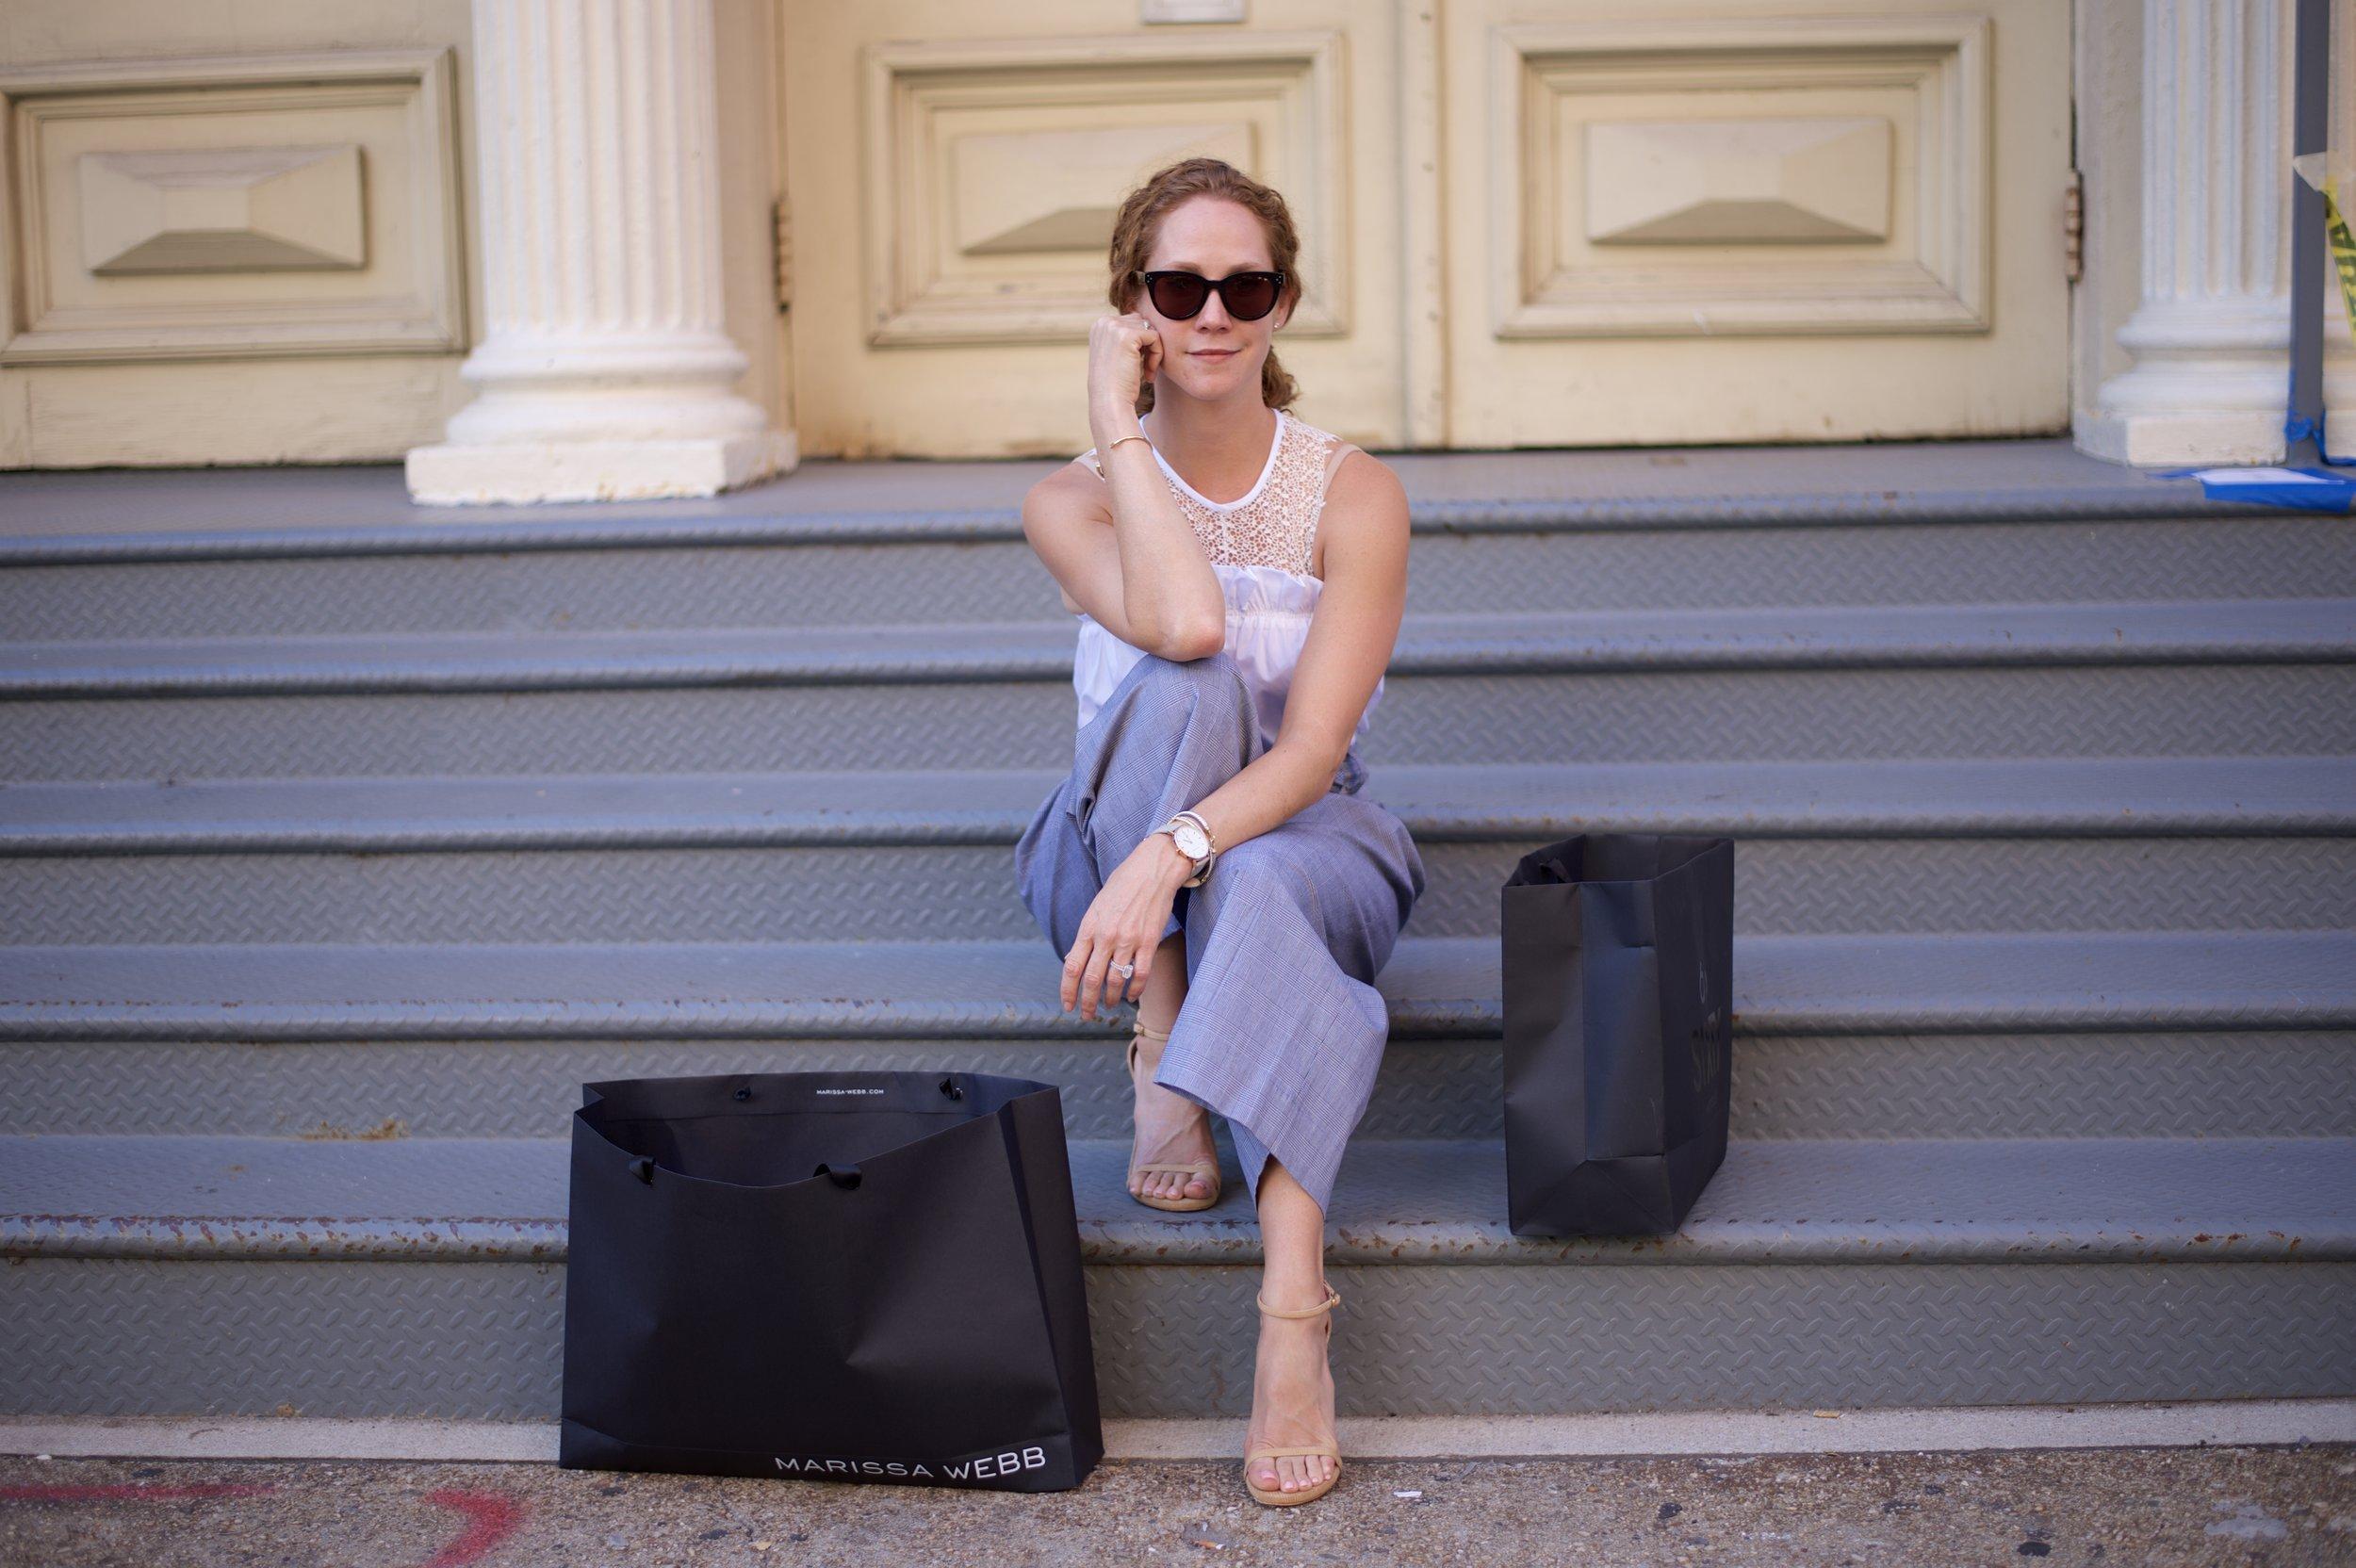 Marissa Webb in Soho - Three Studios Blog